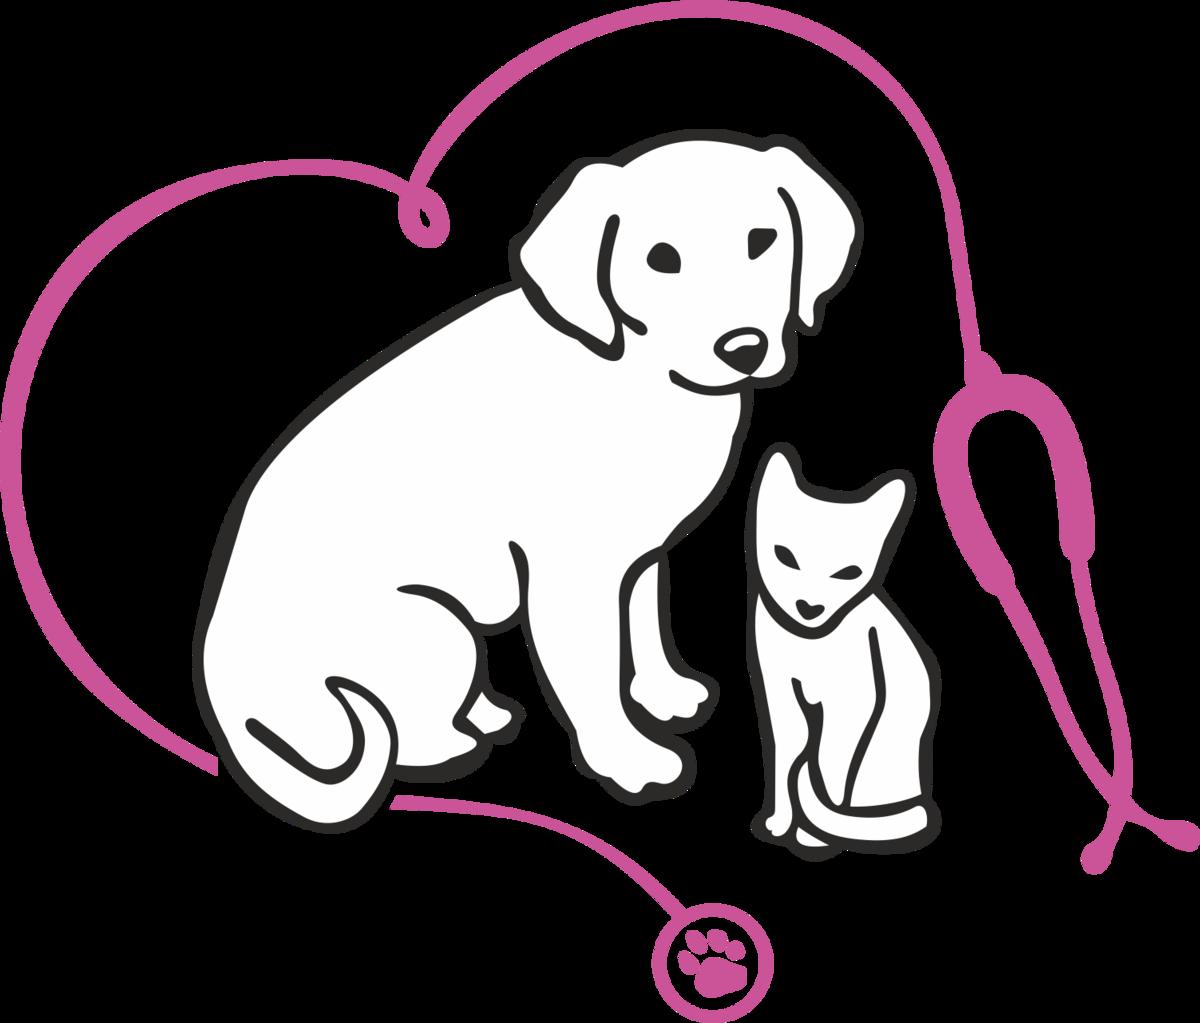 Картинках для, ветеринар картинки для срисовки